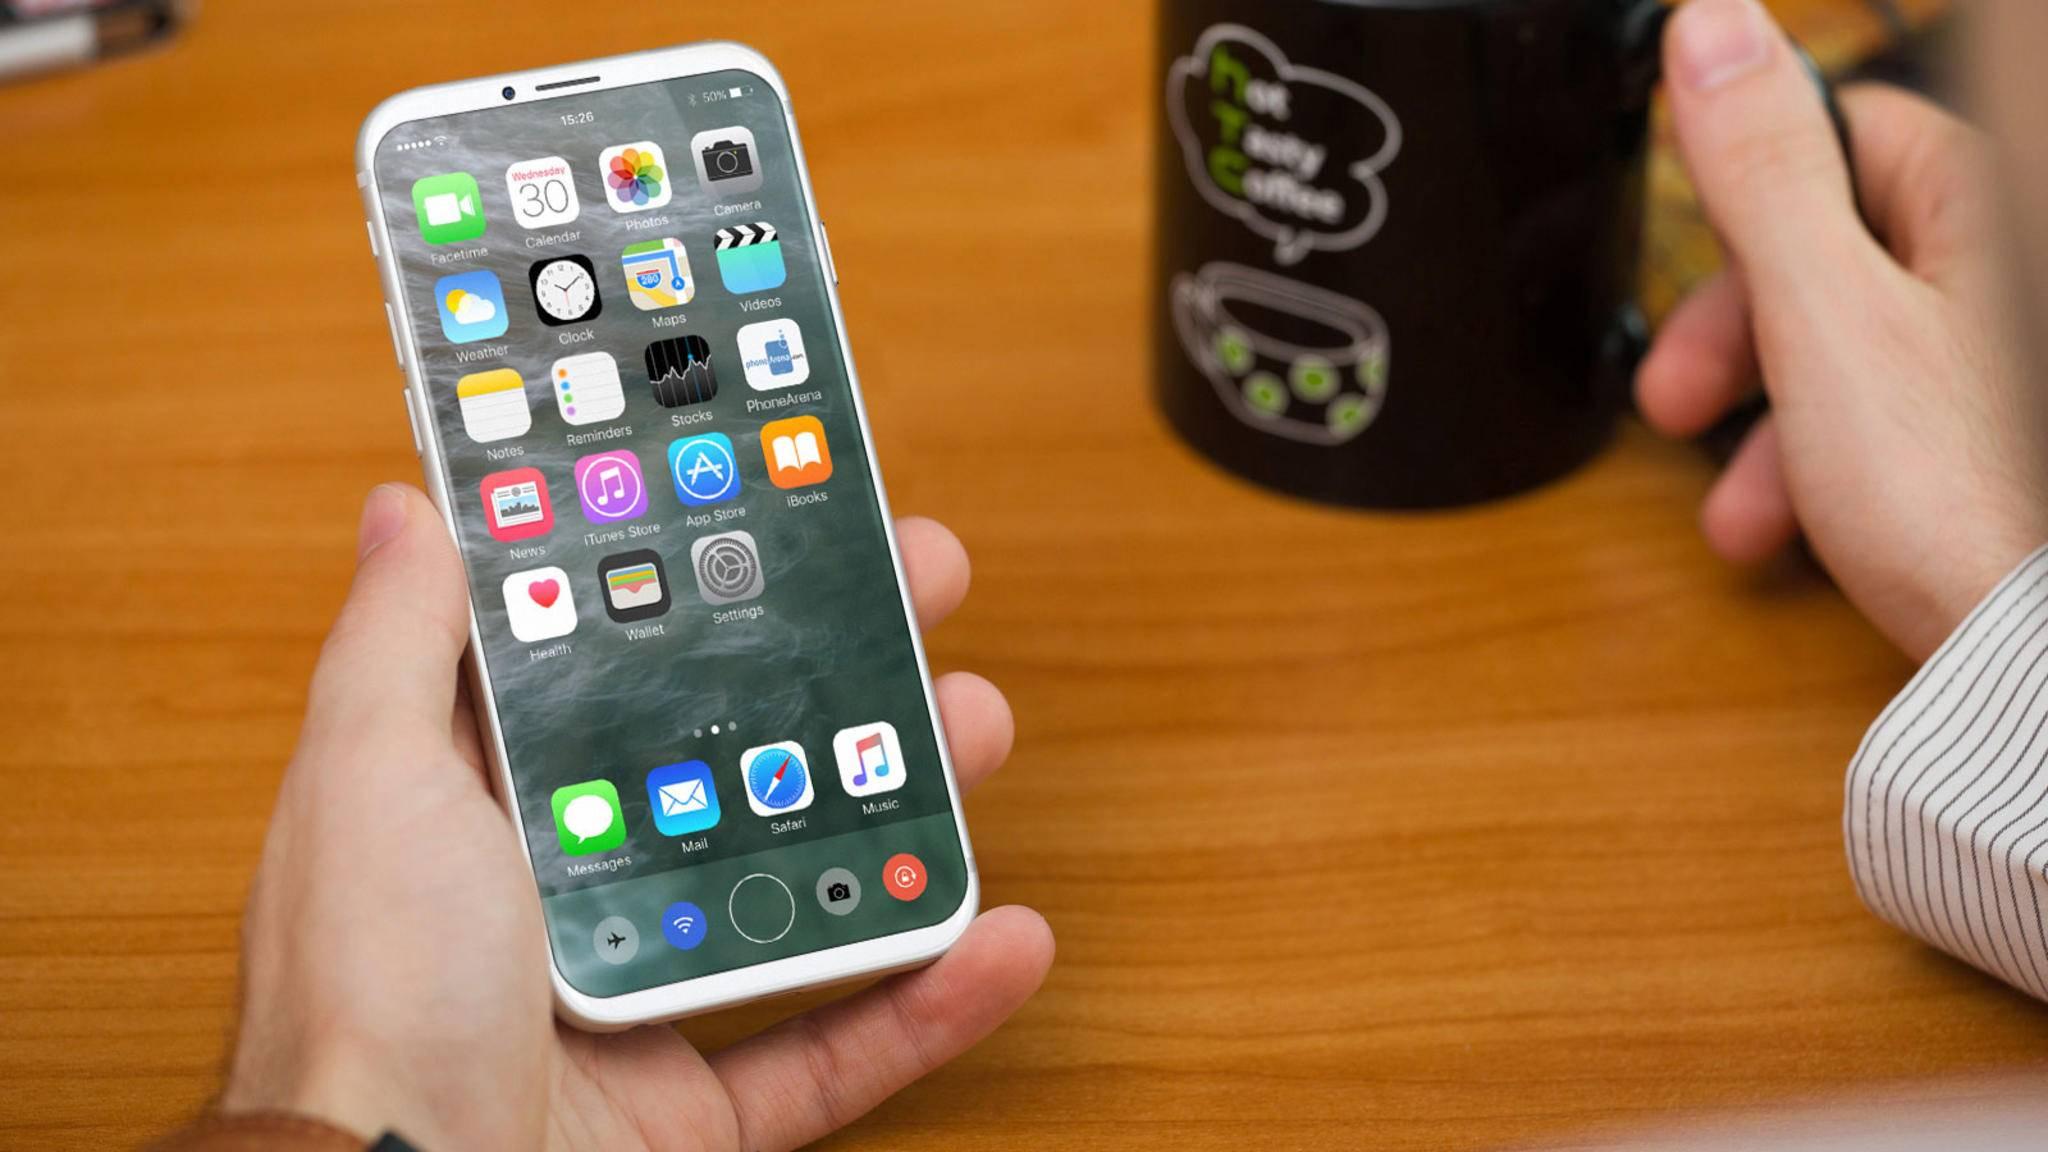 Ein weiterer Bauplan, der das iPhone 8 zeigen soll, ist jetzt im Netz aufgetaucht.